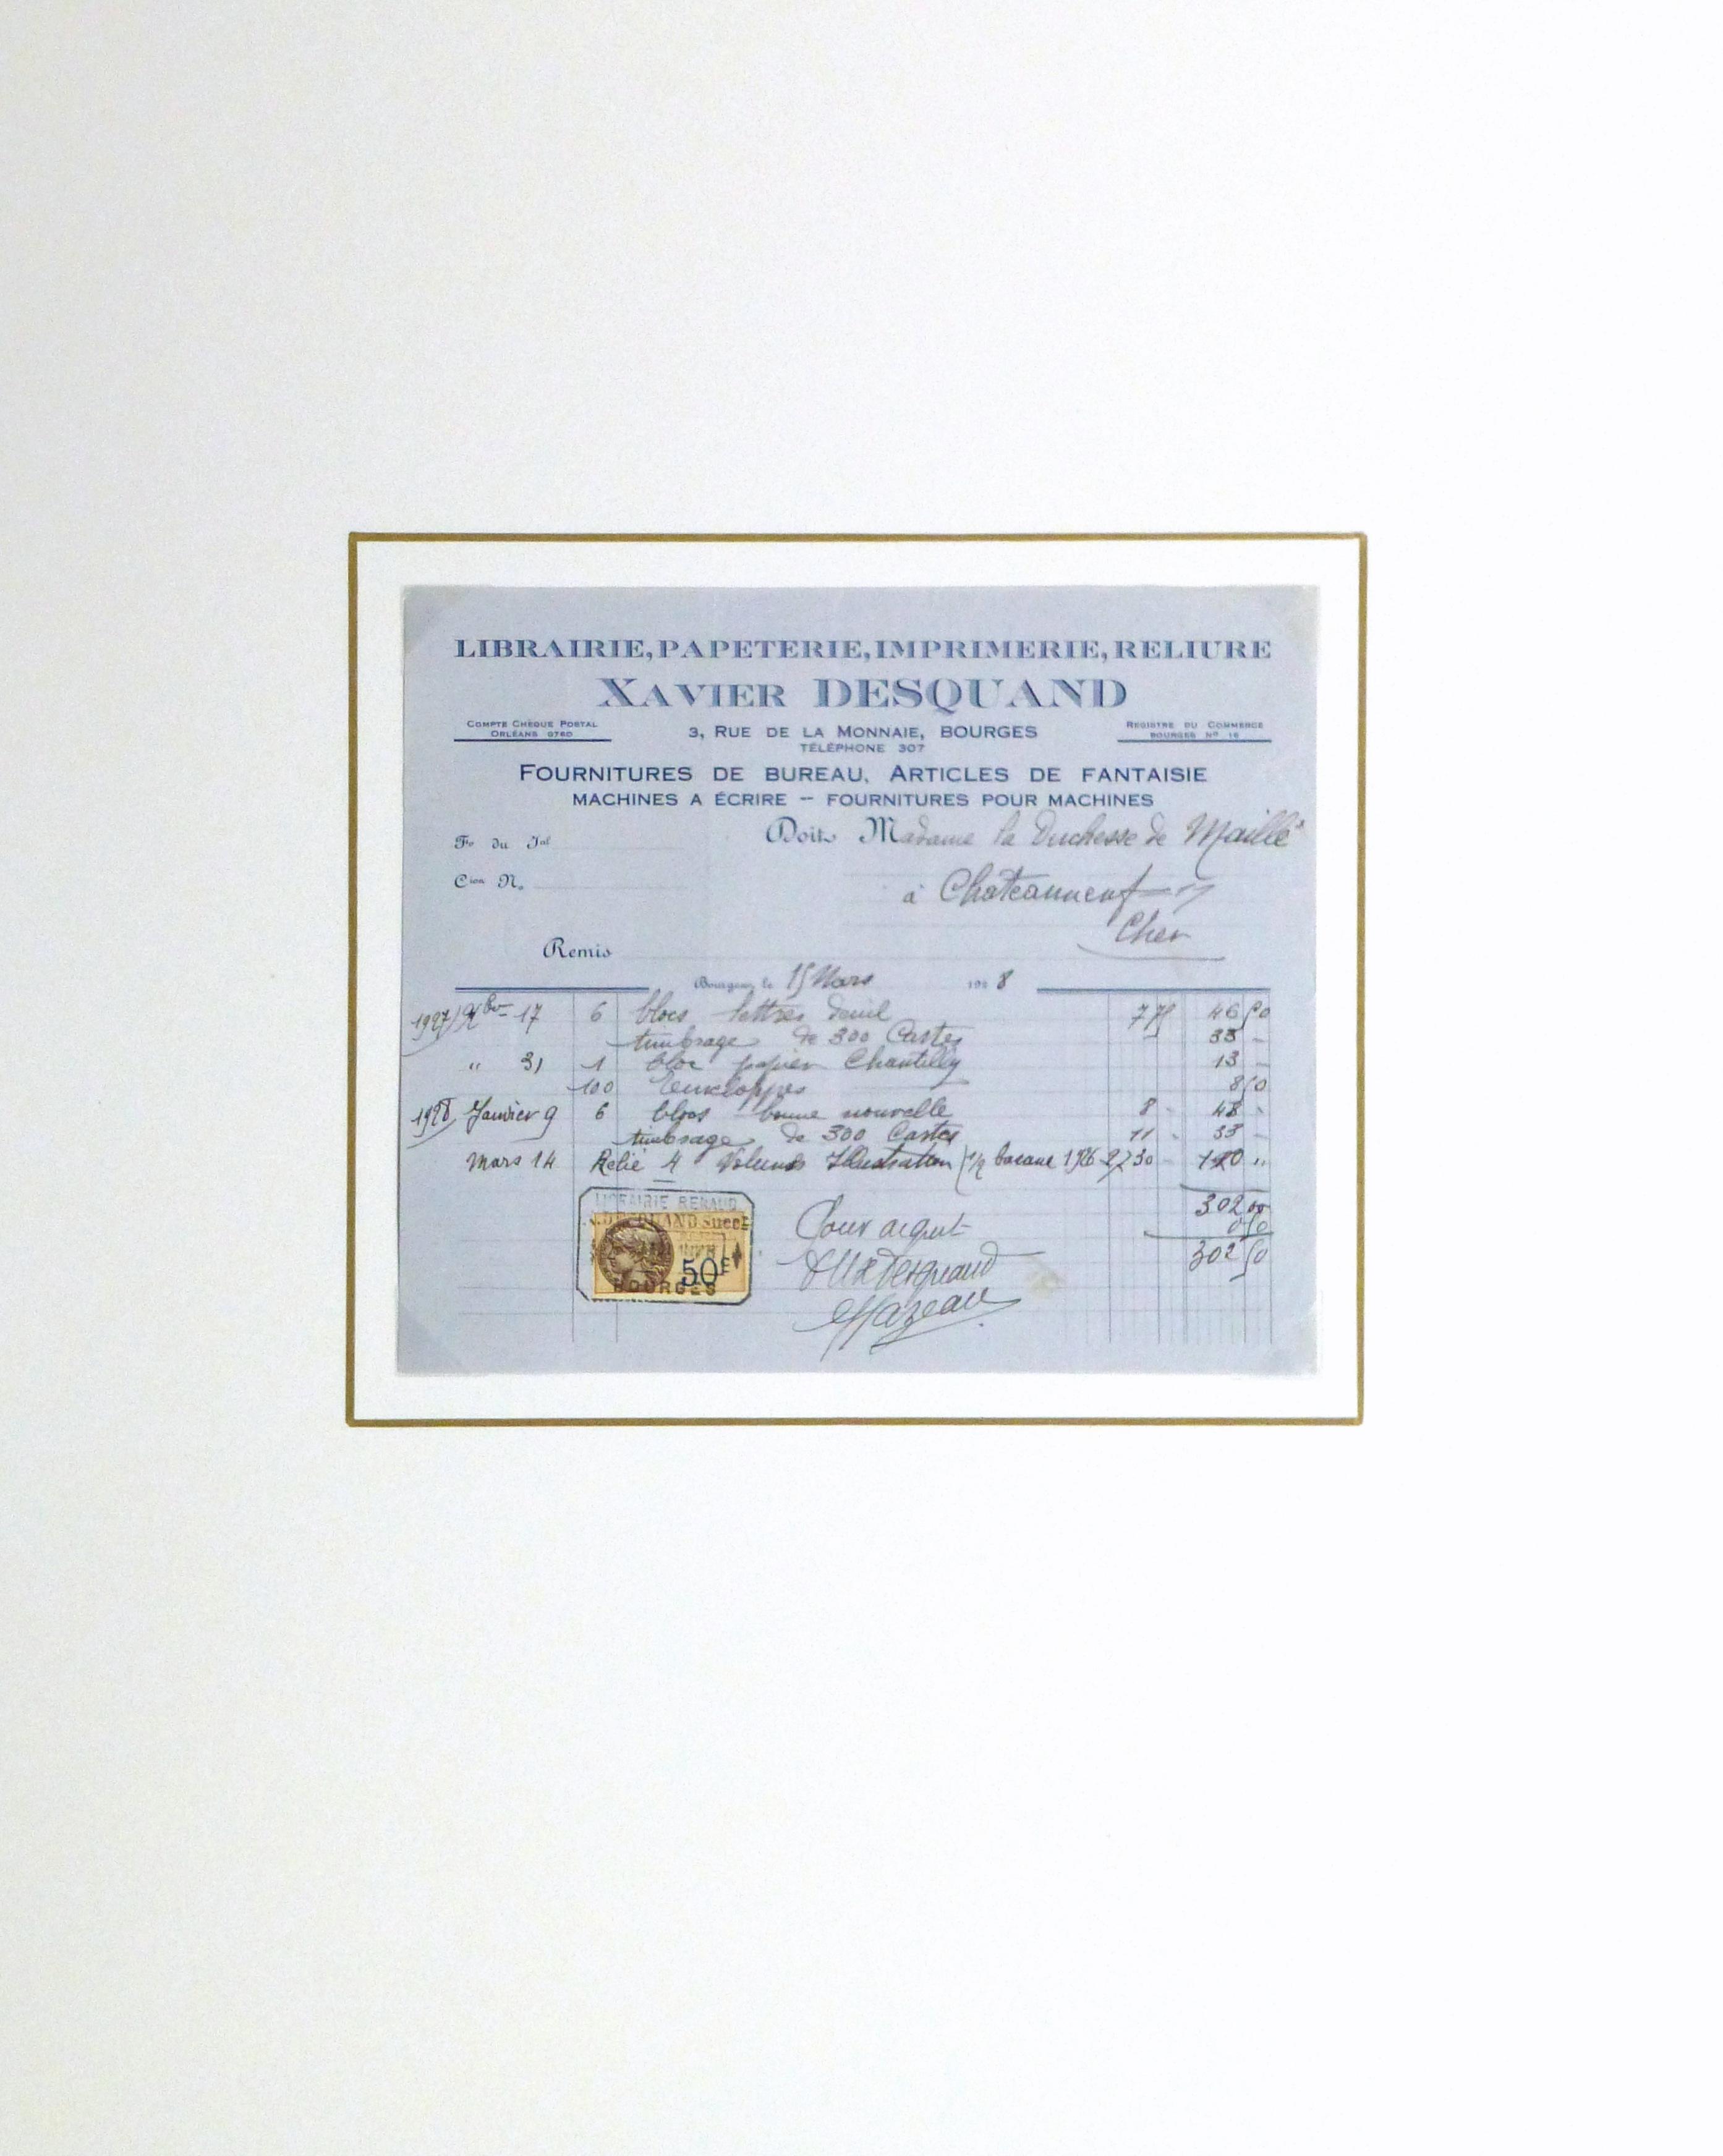 Duchess of Maillé Book Receipt, 1928-matted-10566M